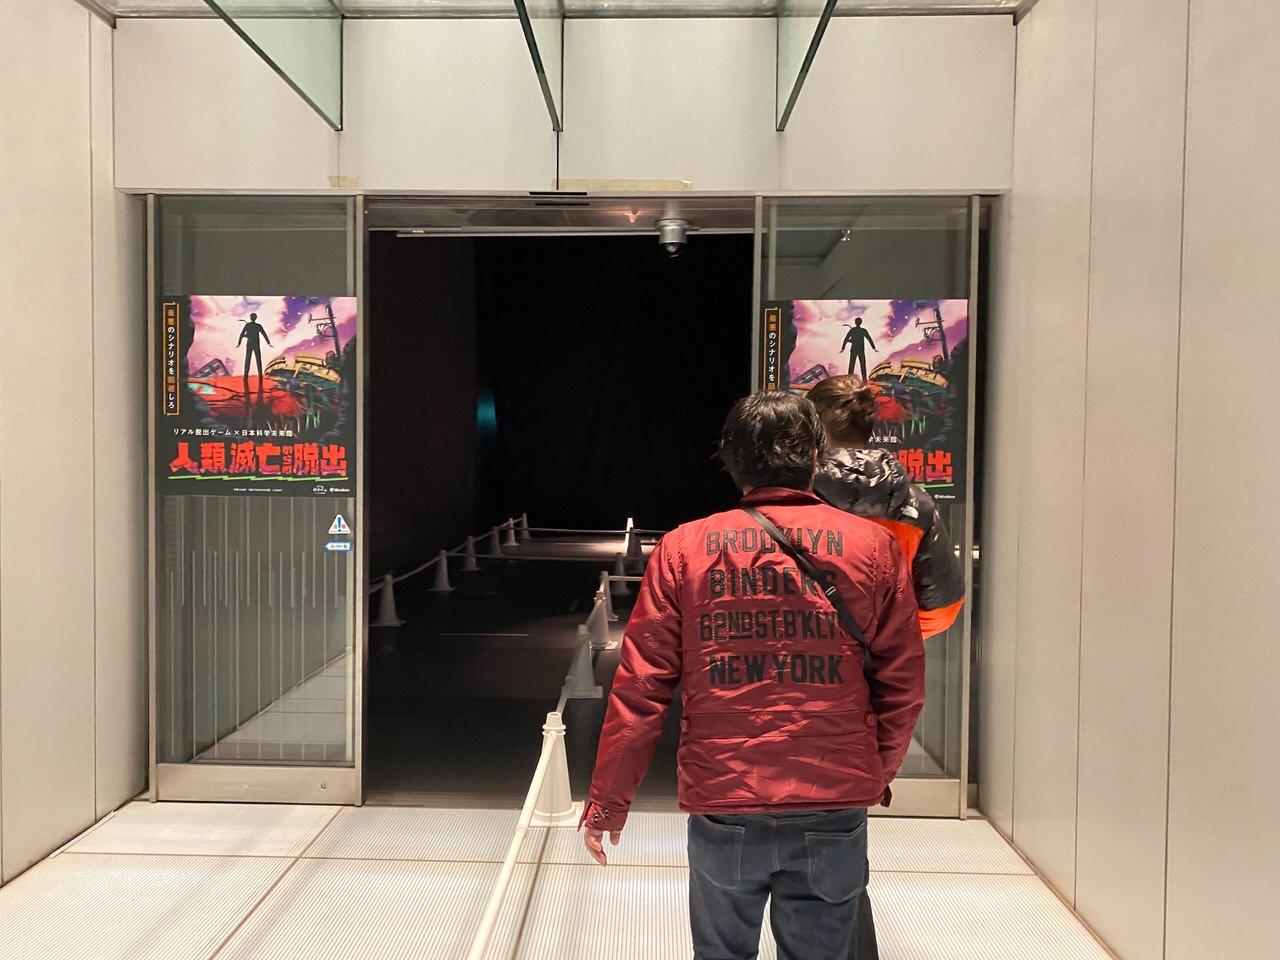 リアル脱出ゲーム 日本科学未来館「人類滅亡からの脱出」 8